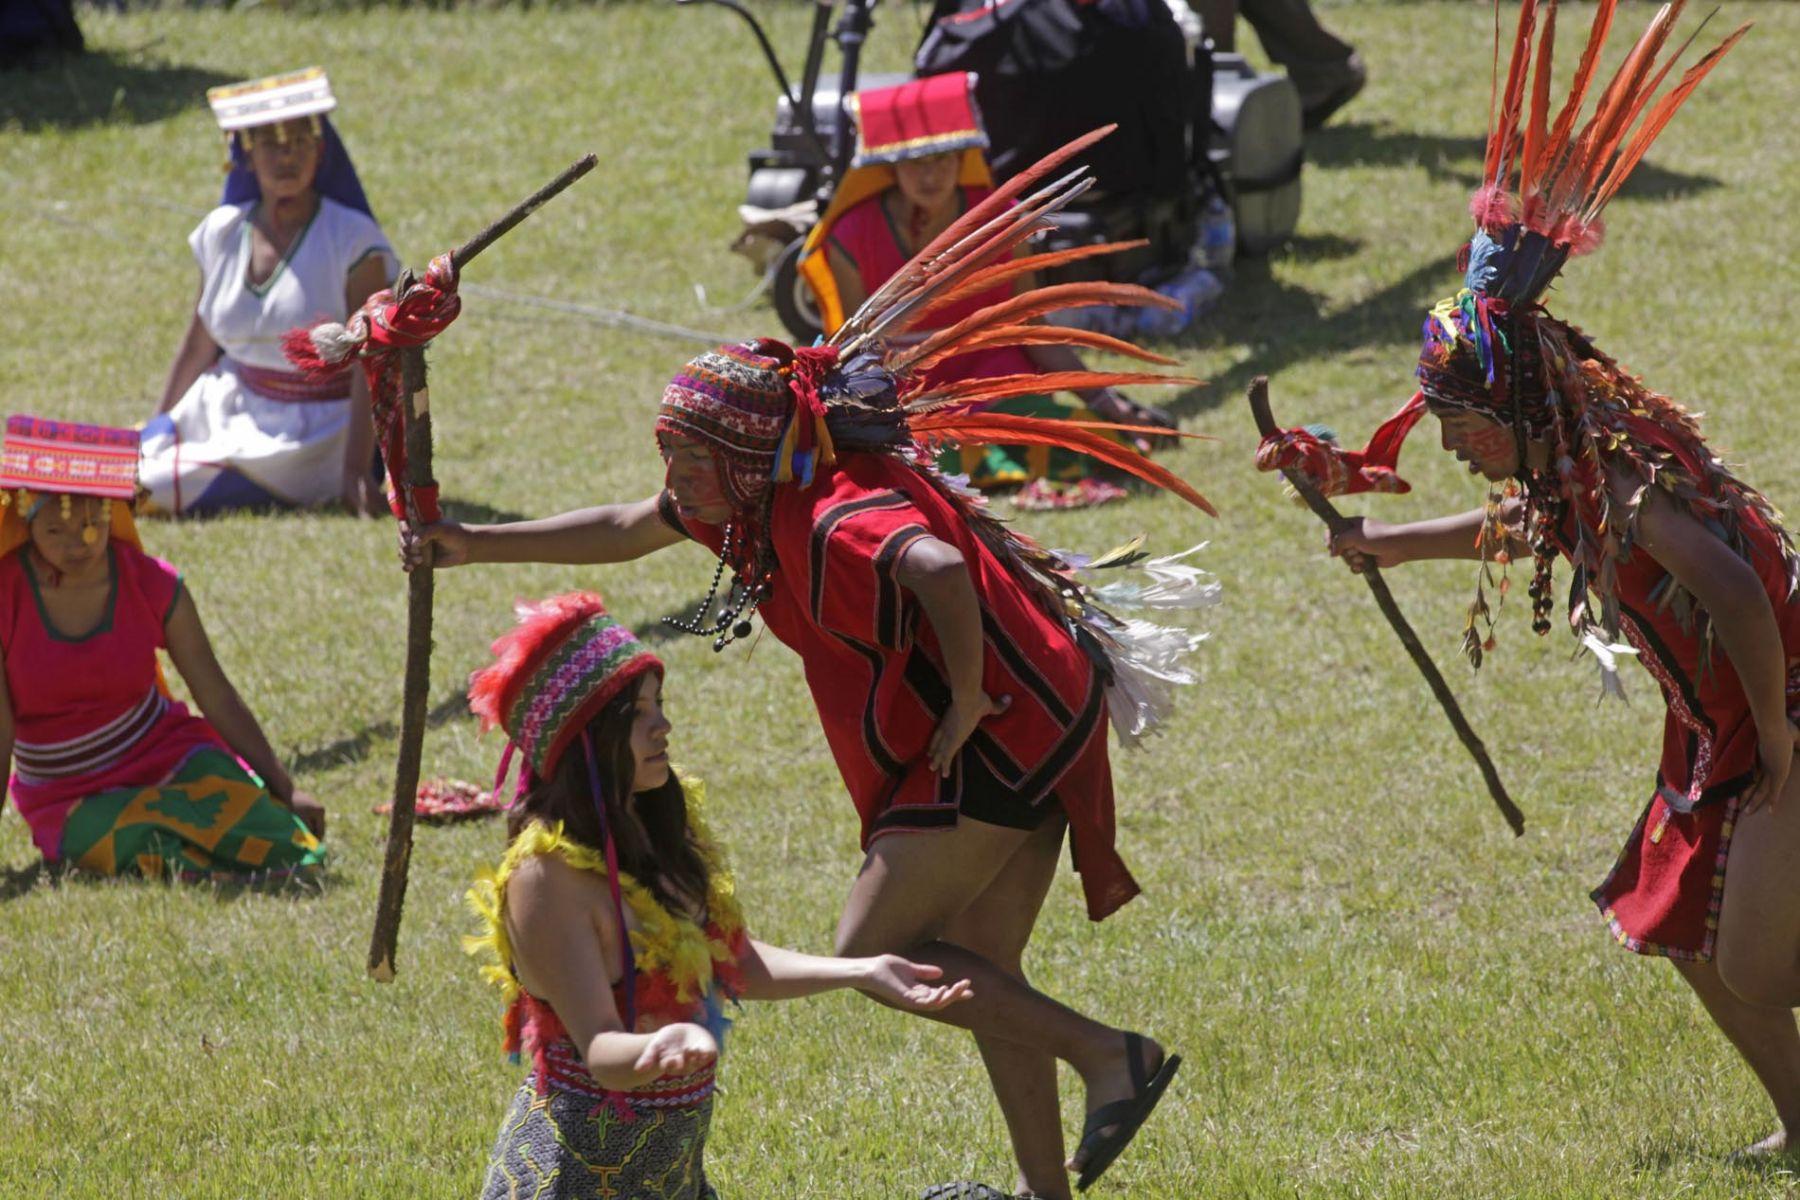 Con la ceremonia incaica denominada Tinkay empezaron esta mañana los festejos por el centenario del descubrimiento científico de Machu Picchu en la propia ciudadela incaica. Foto: ANDINA/Alberto Orbegoso